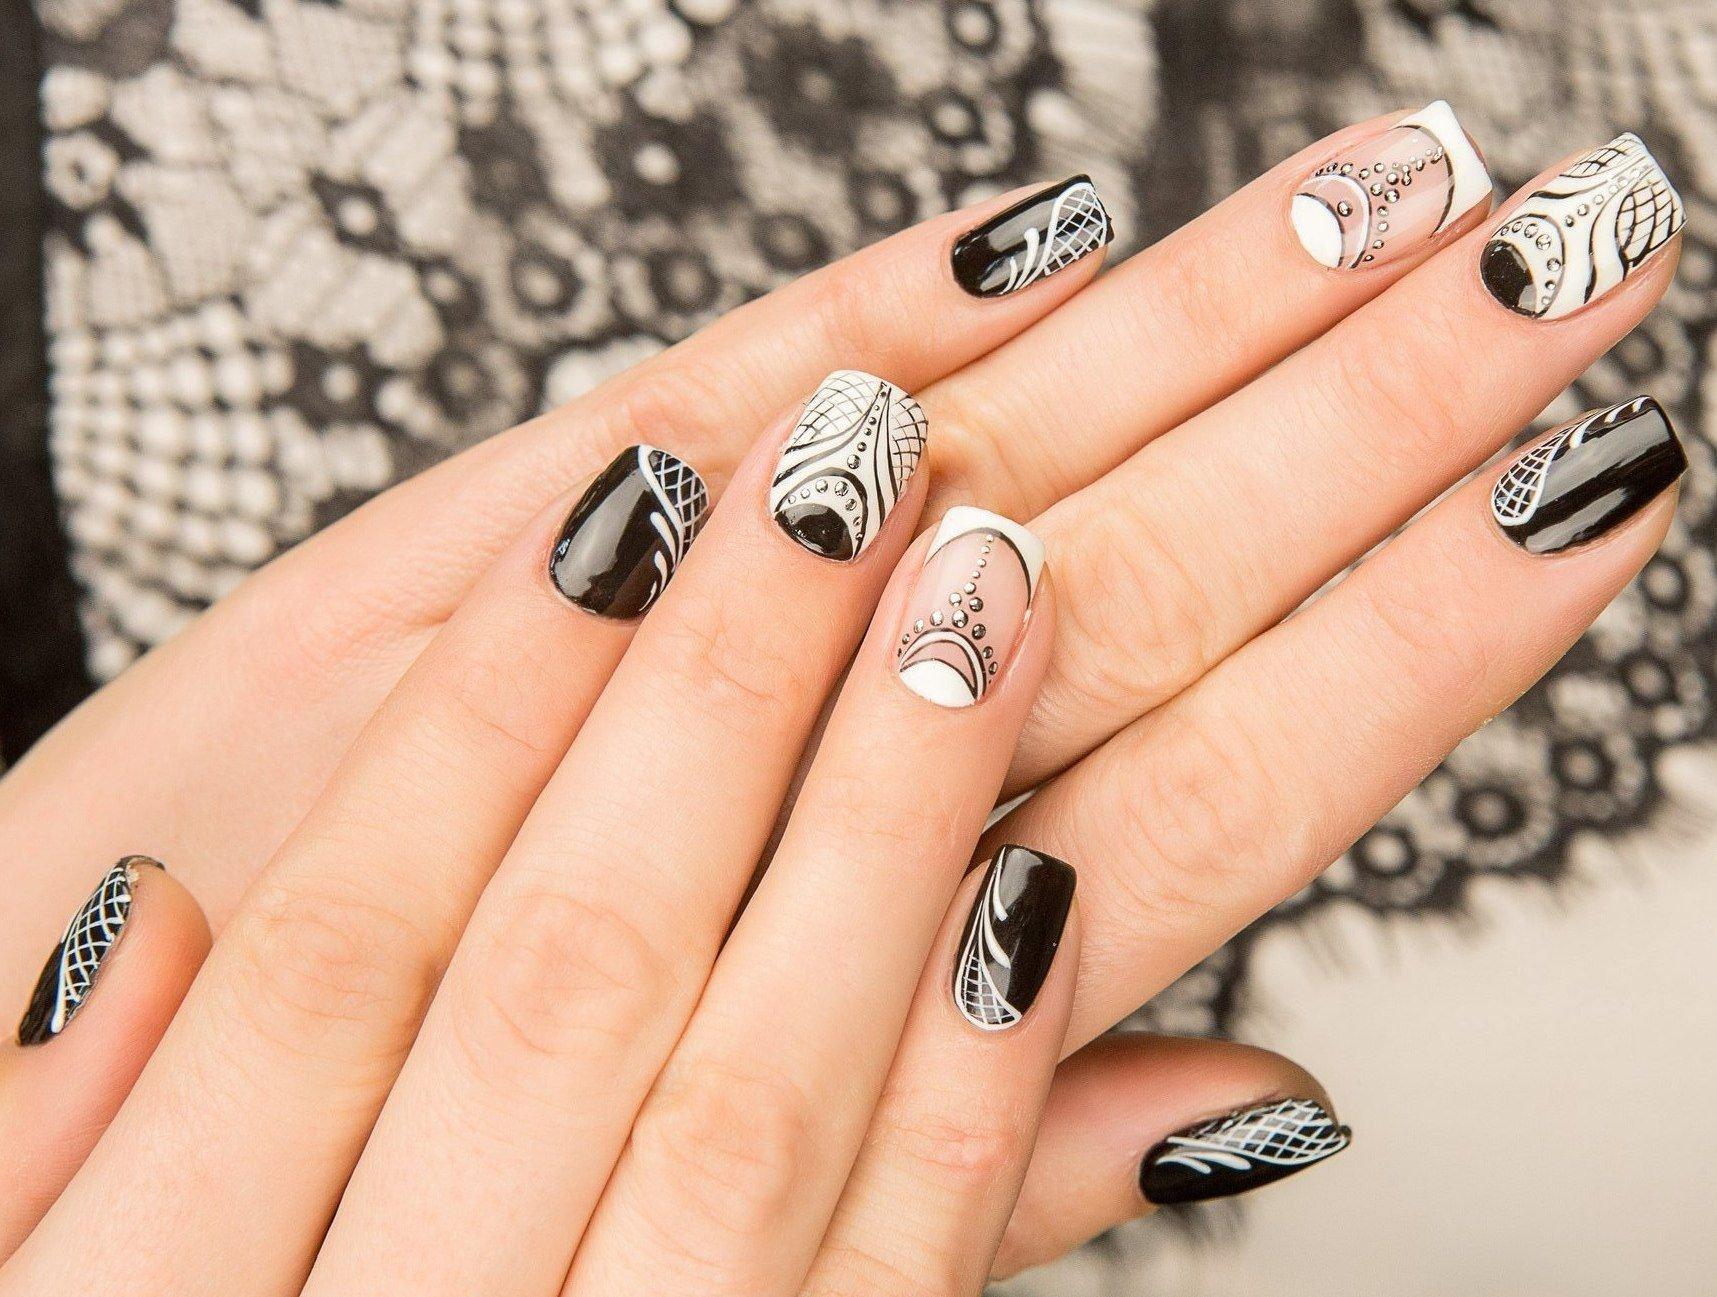 дизайн черно белый рисунок на ногтях фото того